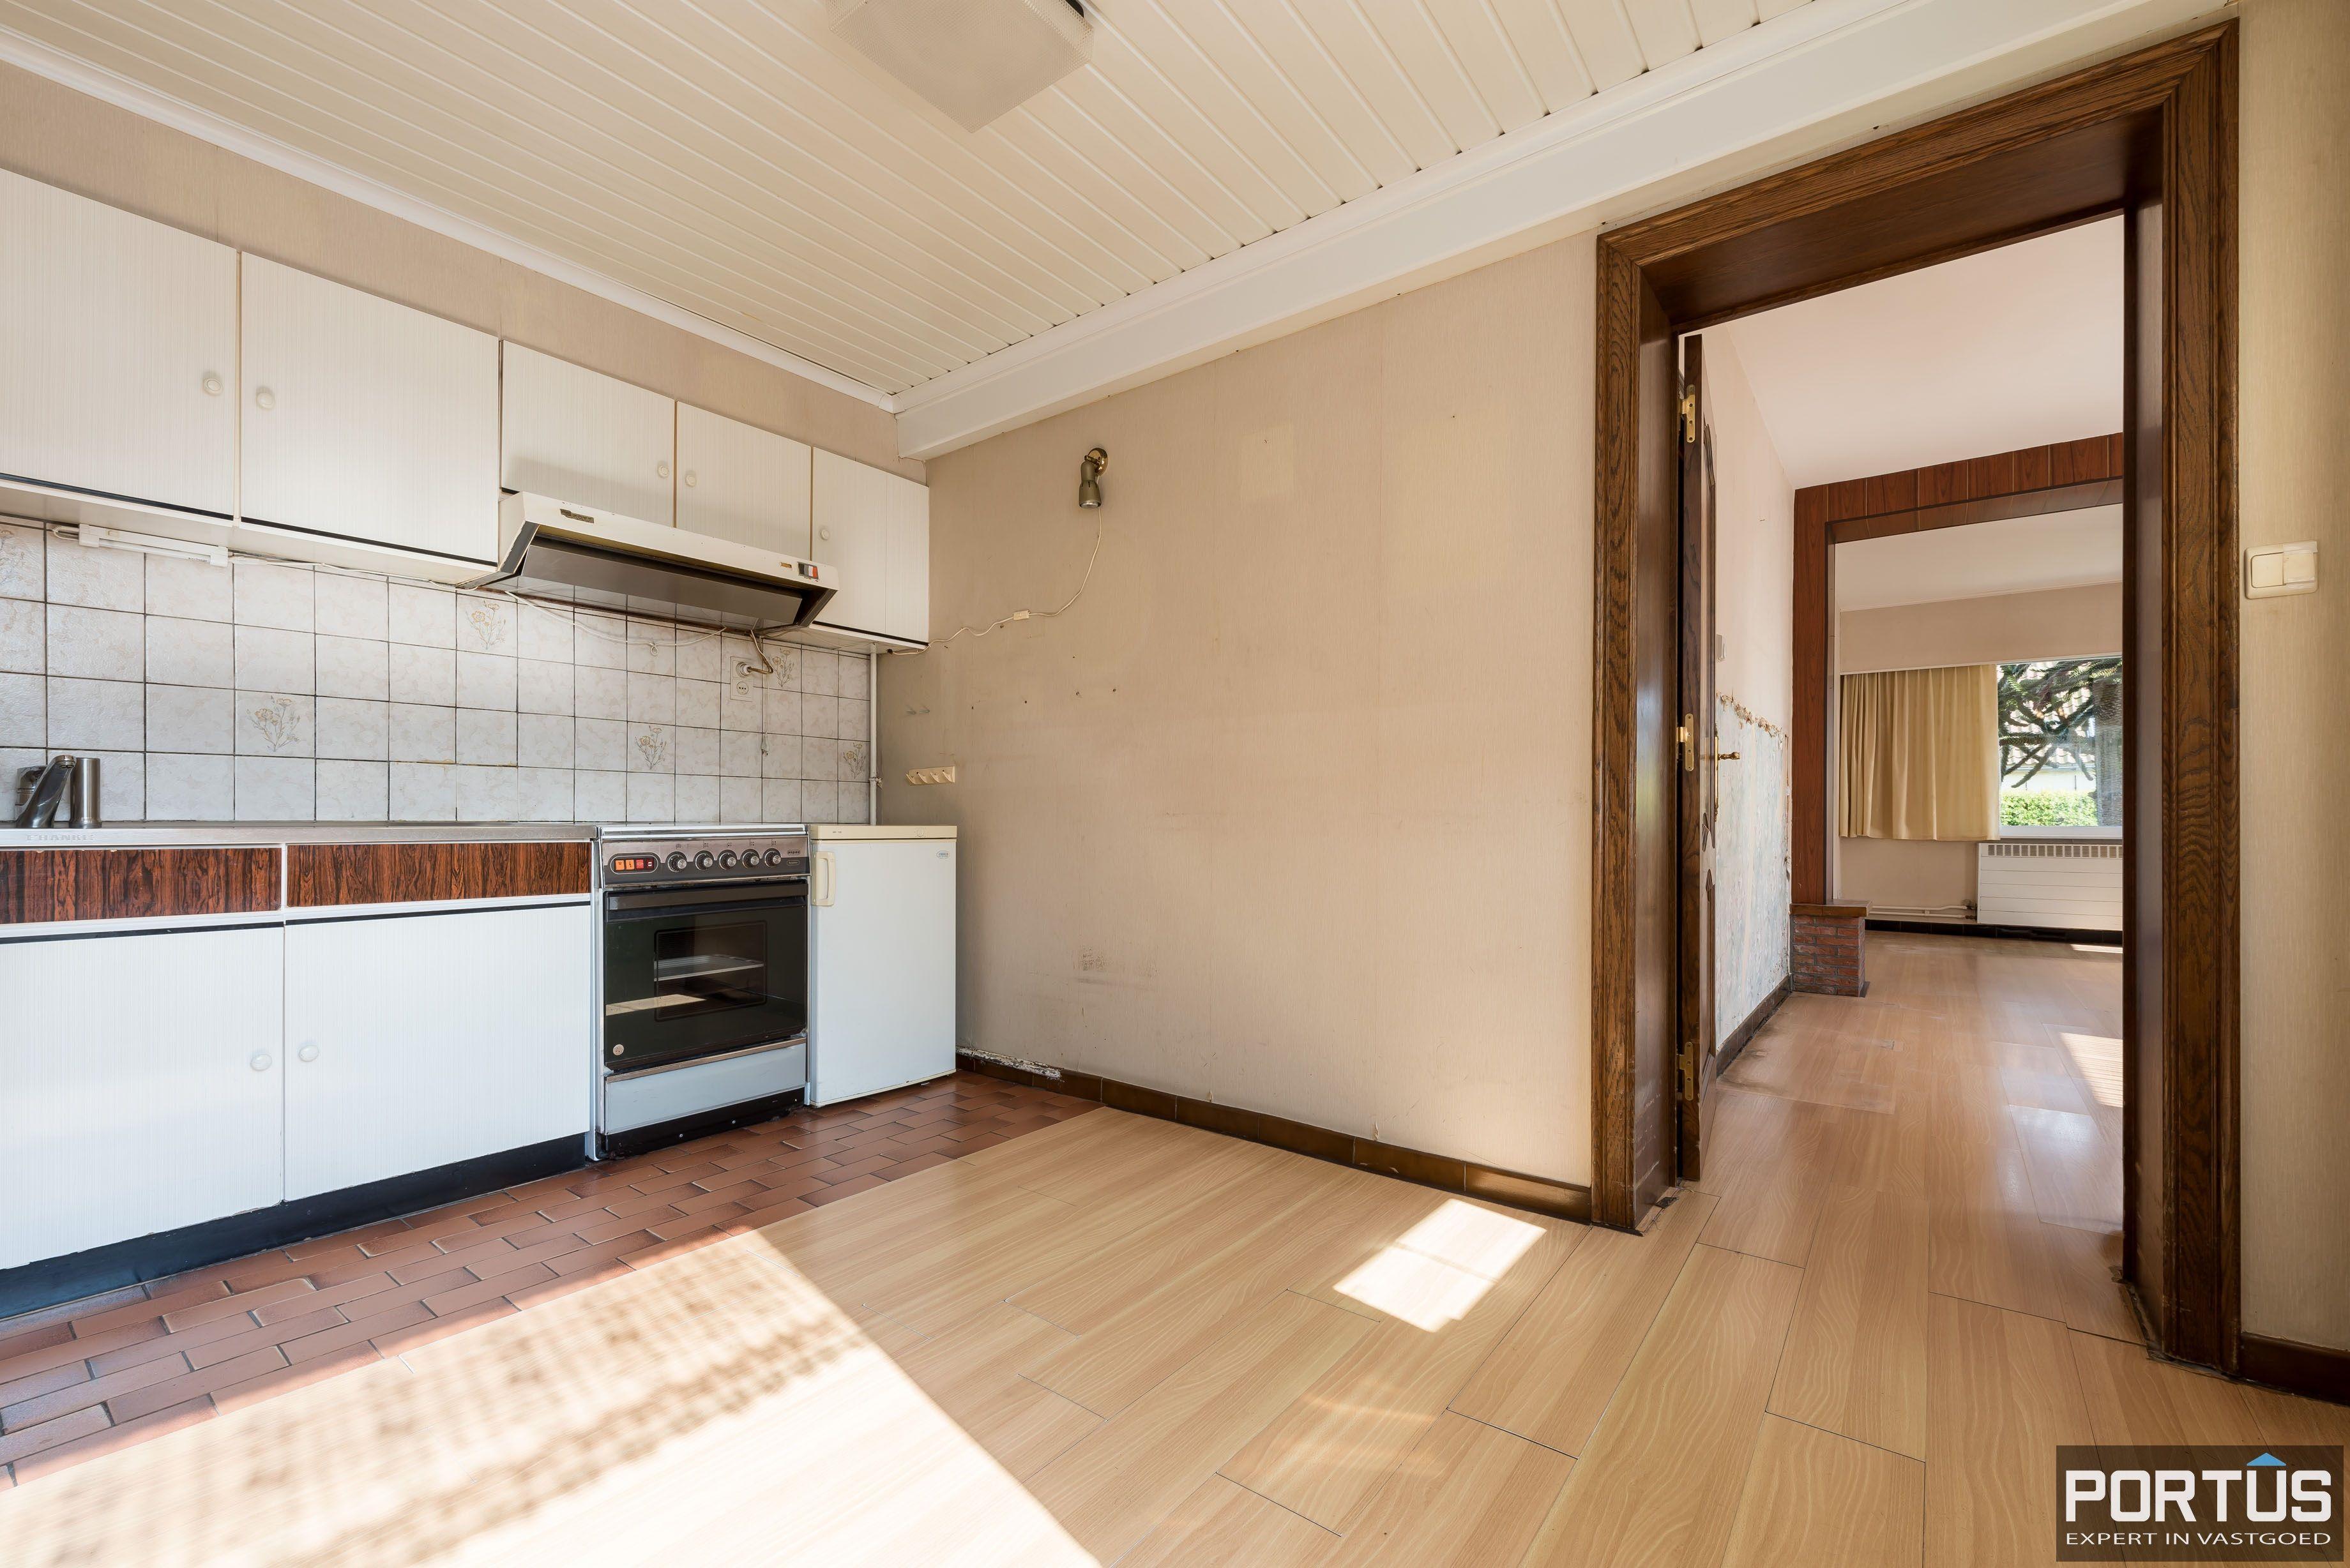 Te renoveren villa te koop Nieuwpoort - 5537